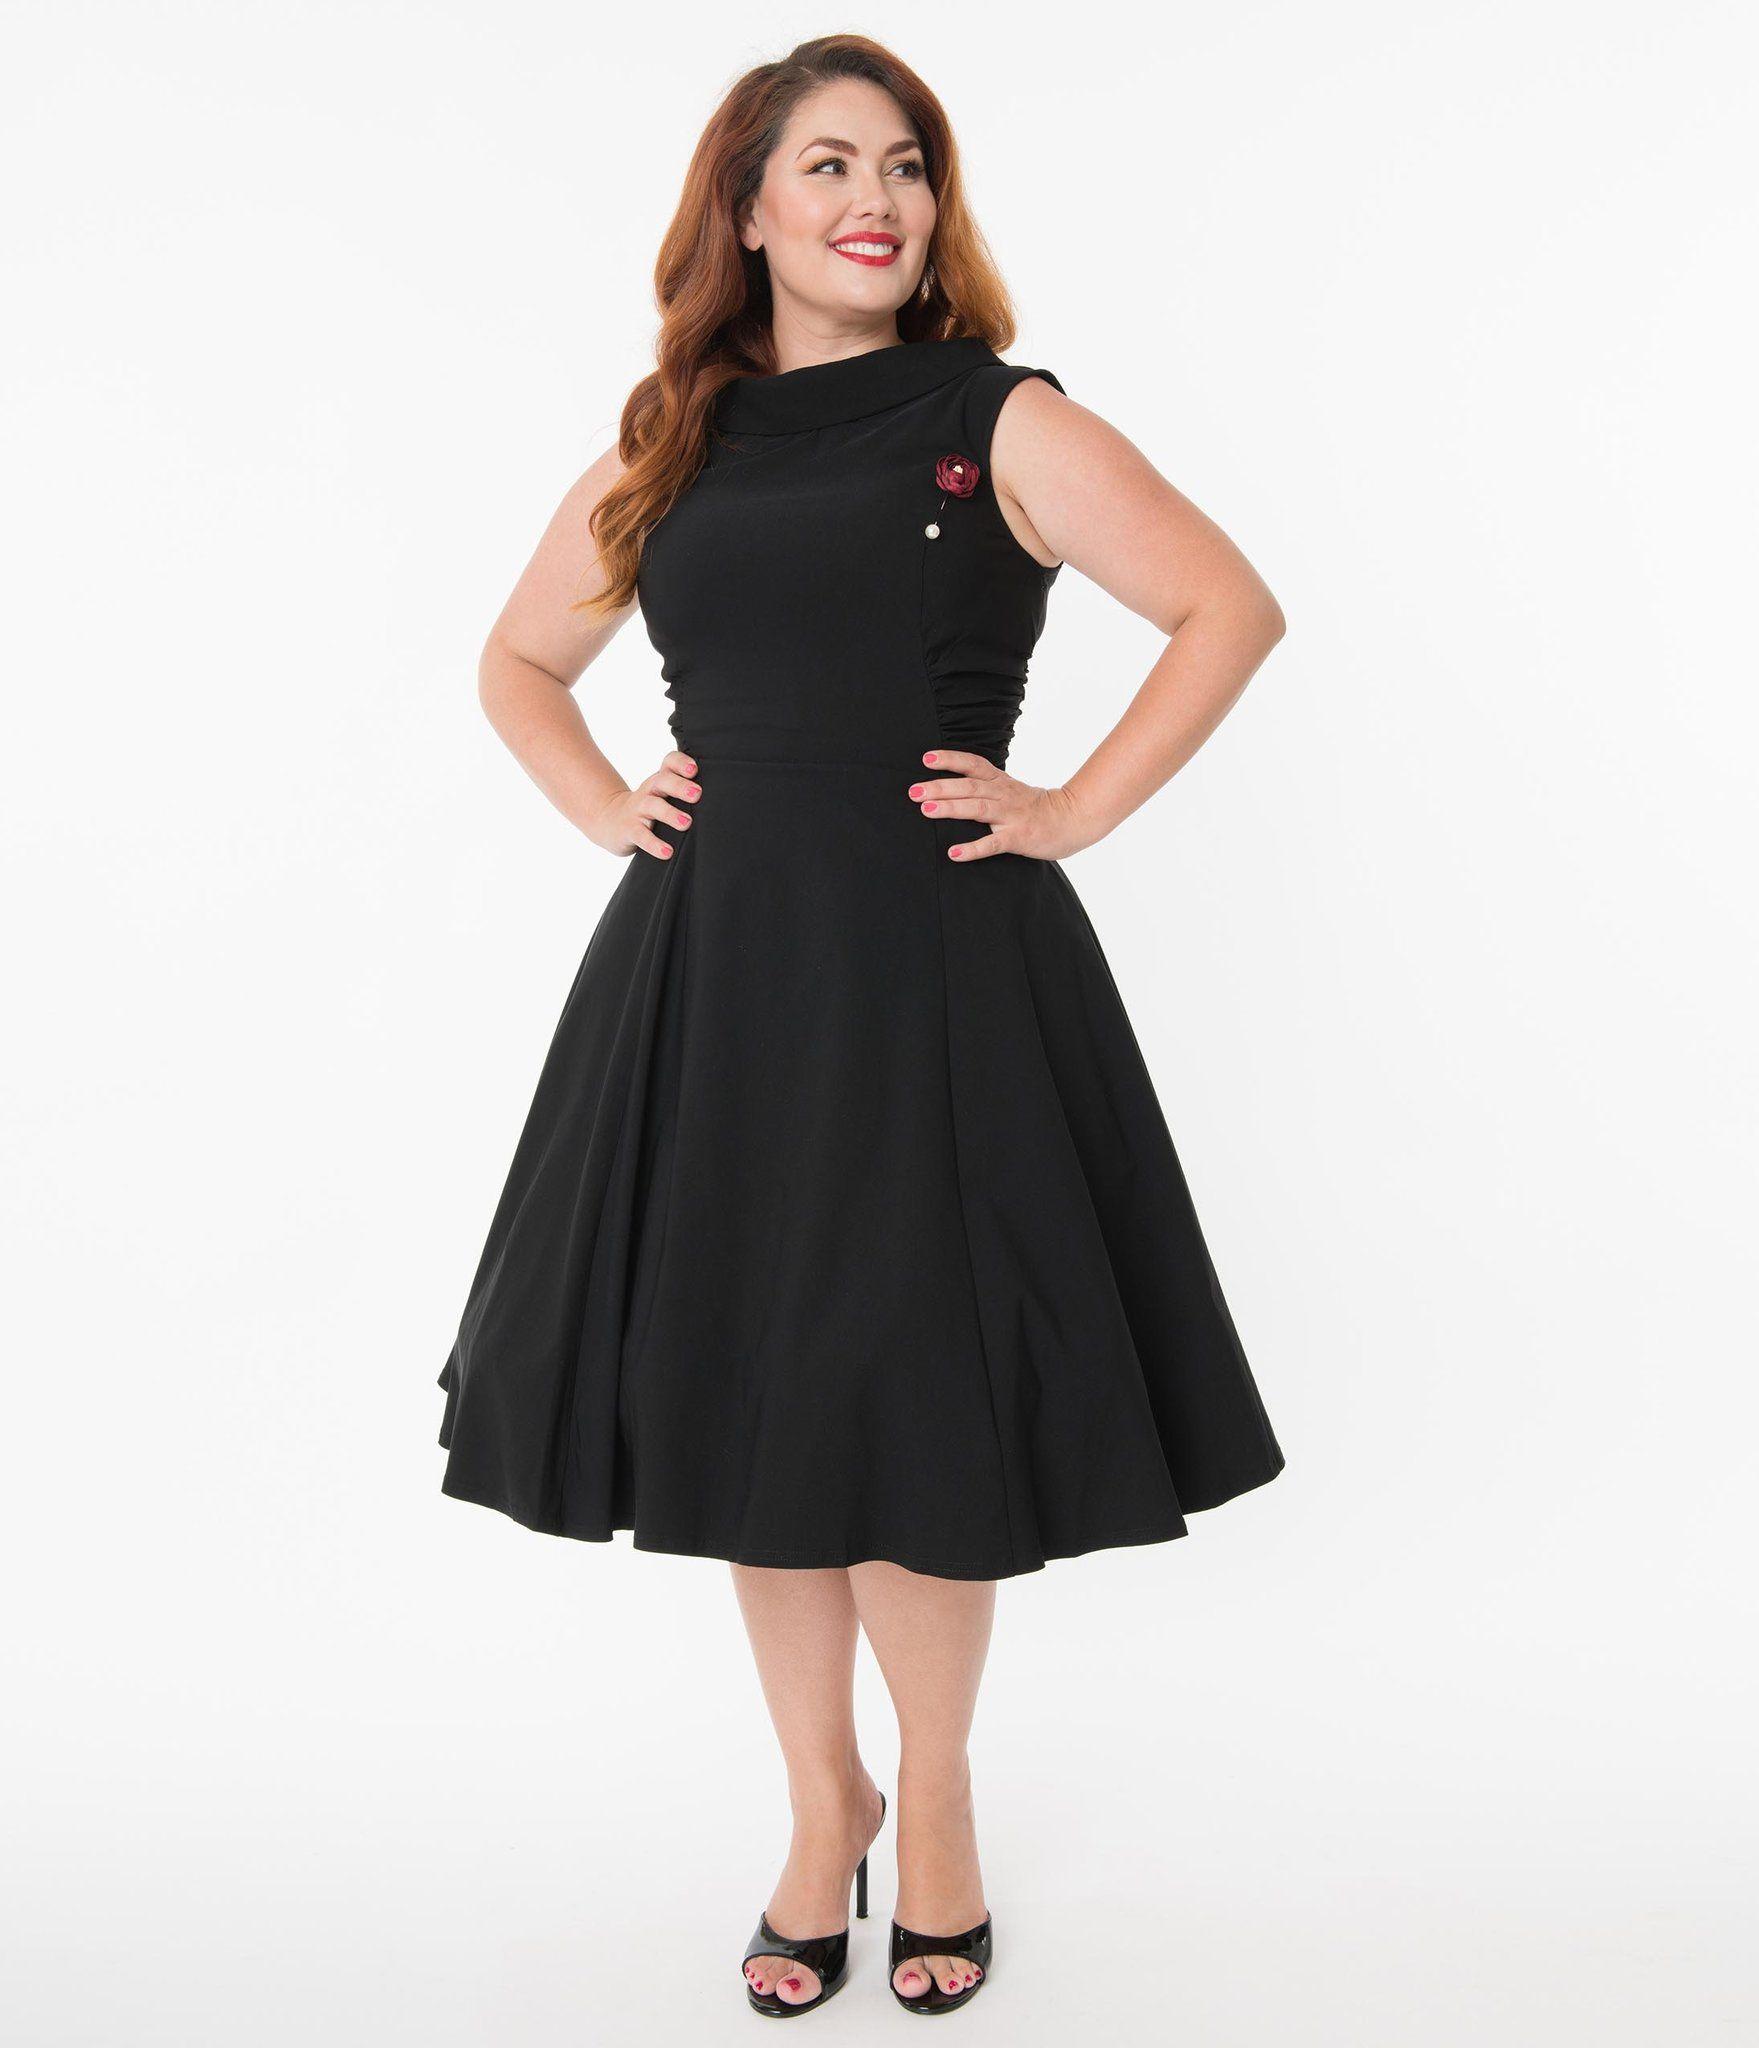 Unique Vintage Plus Size 1950s Black Eliza Swing Dress Black Dress Accessories Black Dress Outfits Swing Dress [ 2048 x 1759 Pixel ]